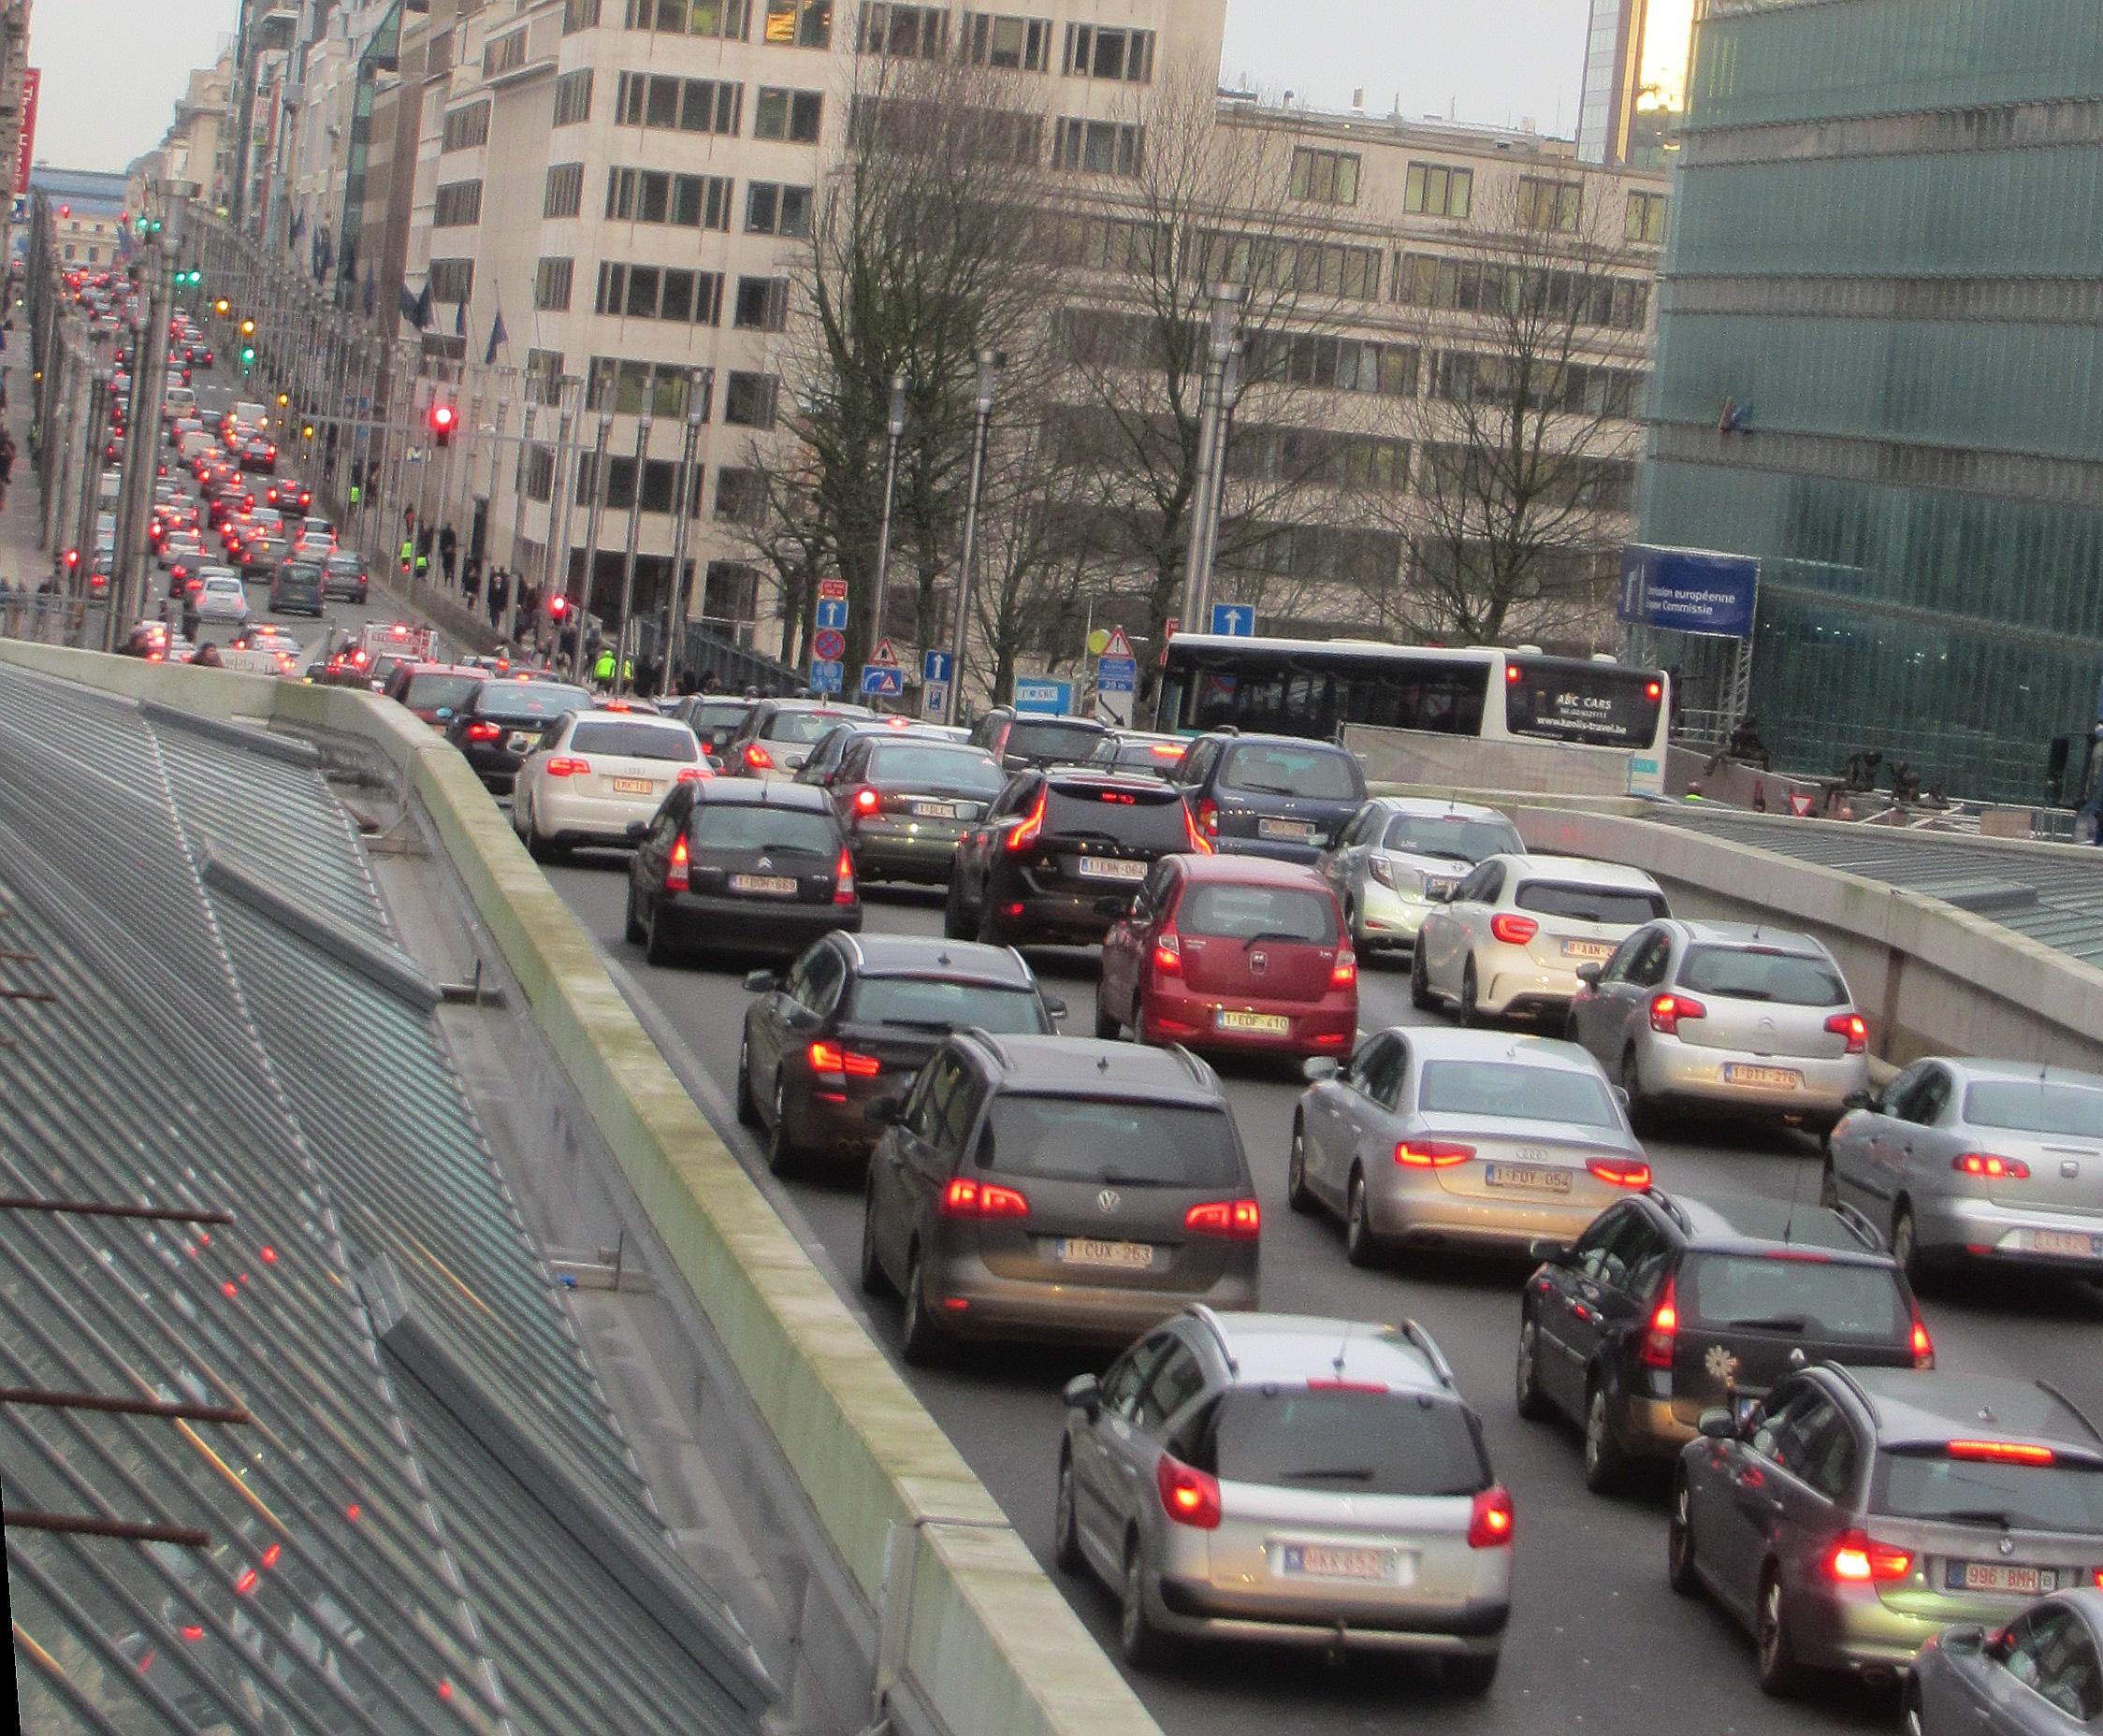 Traffic congestion - Wikipedia